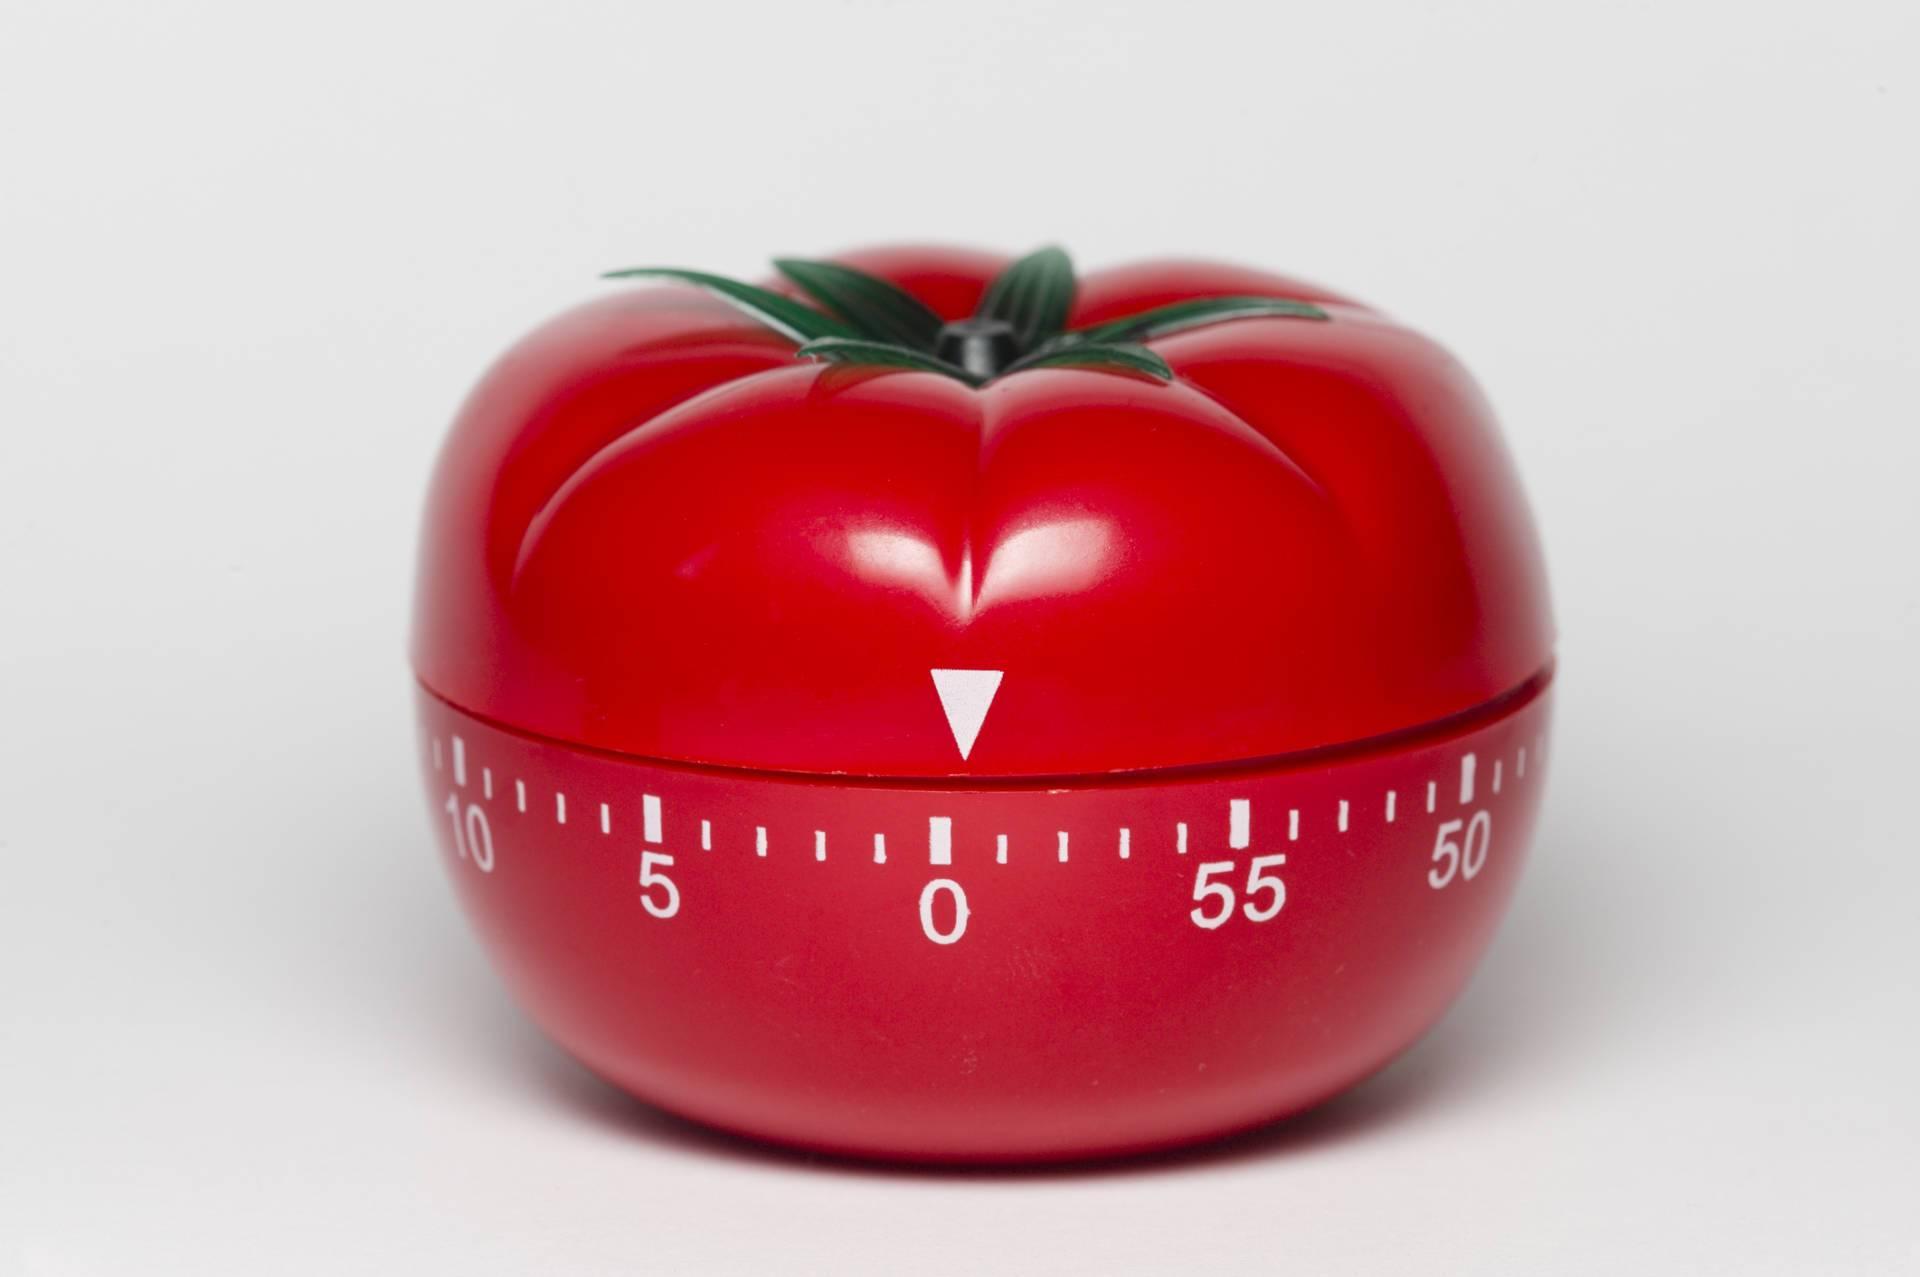 техника управления времени - тайминговый помидор